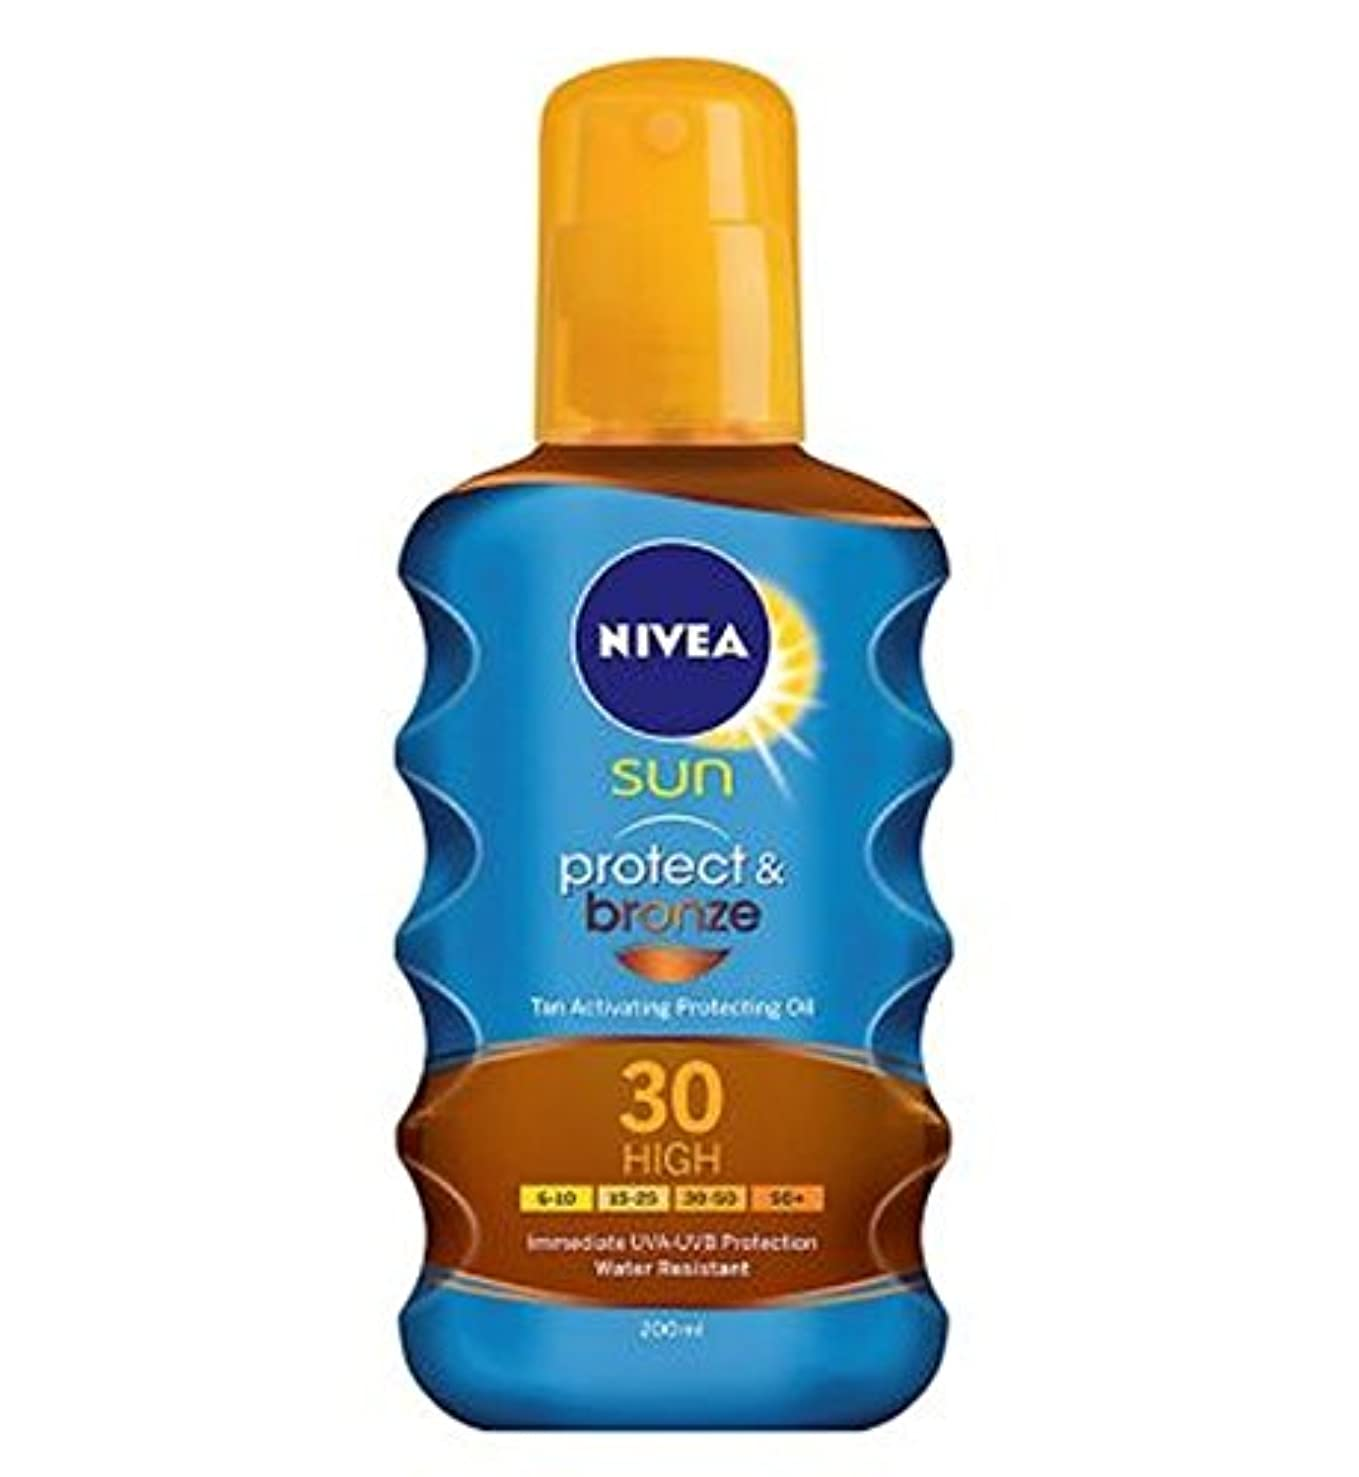 推進、動かすバック愛国的なNivea Sun protect and bronze tan activating protecting oil spf 30 200ml - ニベアの日は、保護し、オイルSpf 30 200ミリリットルを保護ブロンズ...